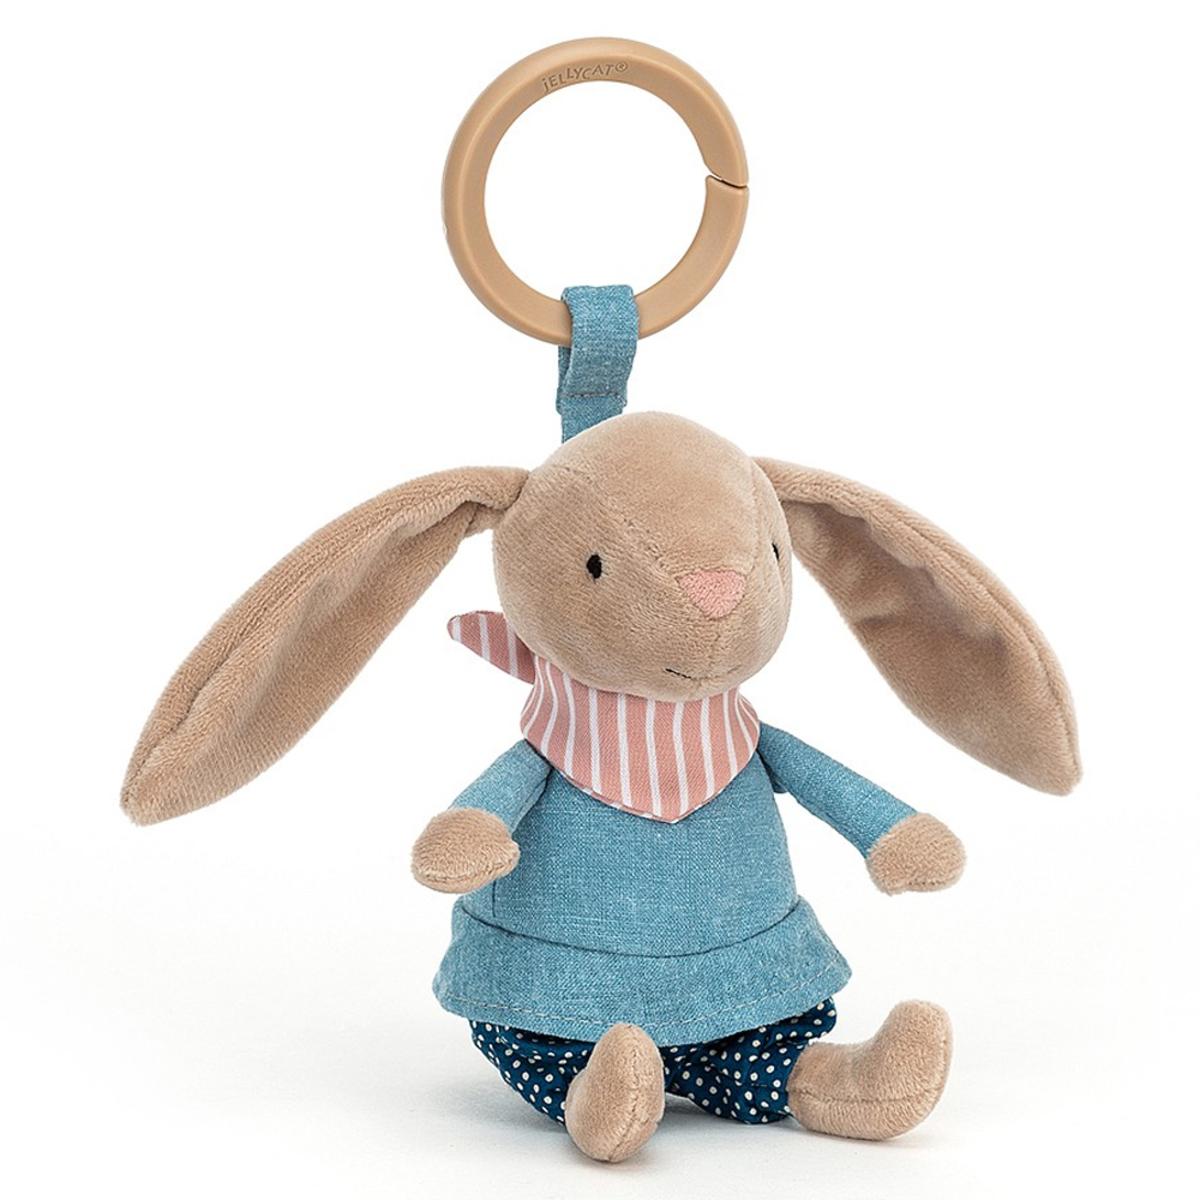 Accessoires poussette Jouet de Poussette Little Bunny Badger Jouet de Poussette Little Bunny Badger